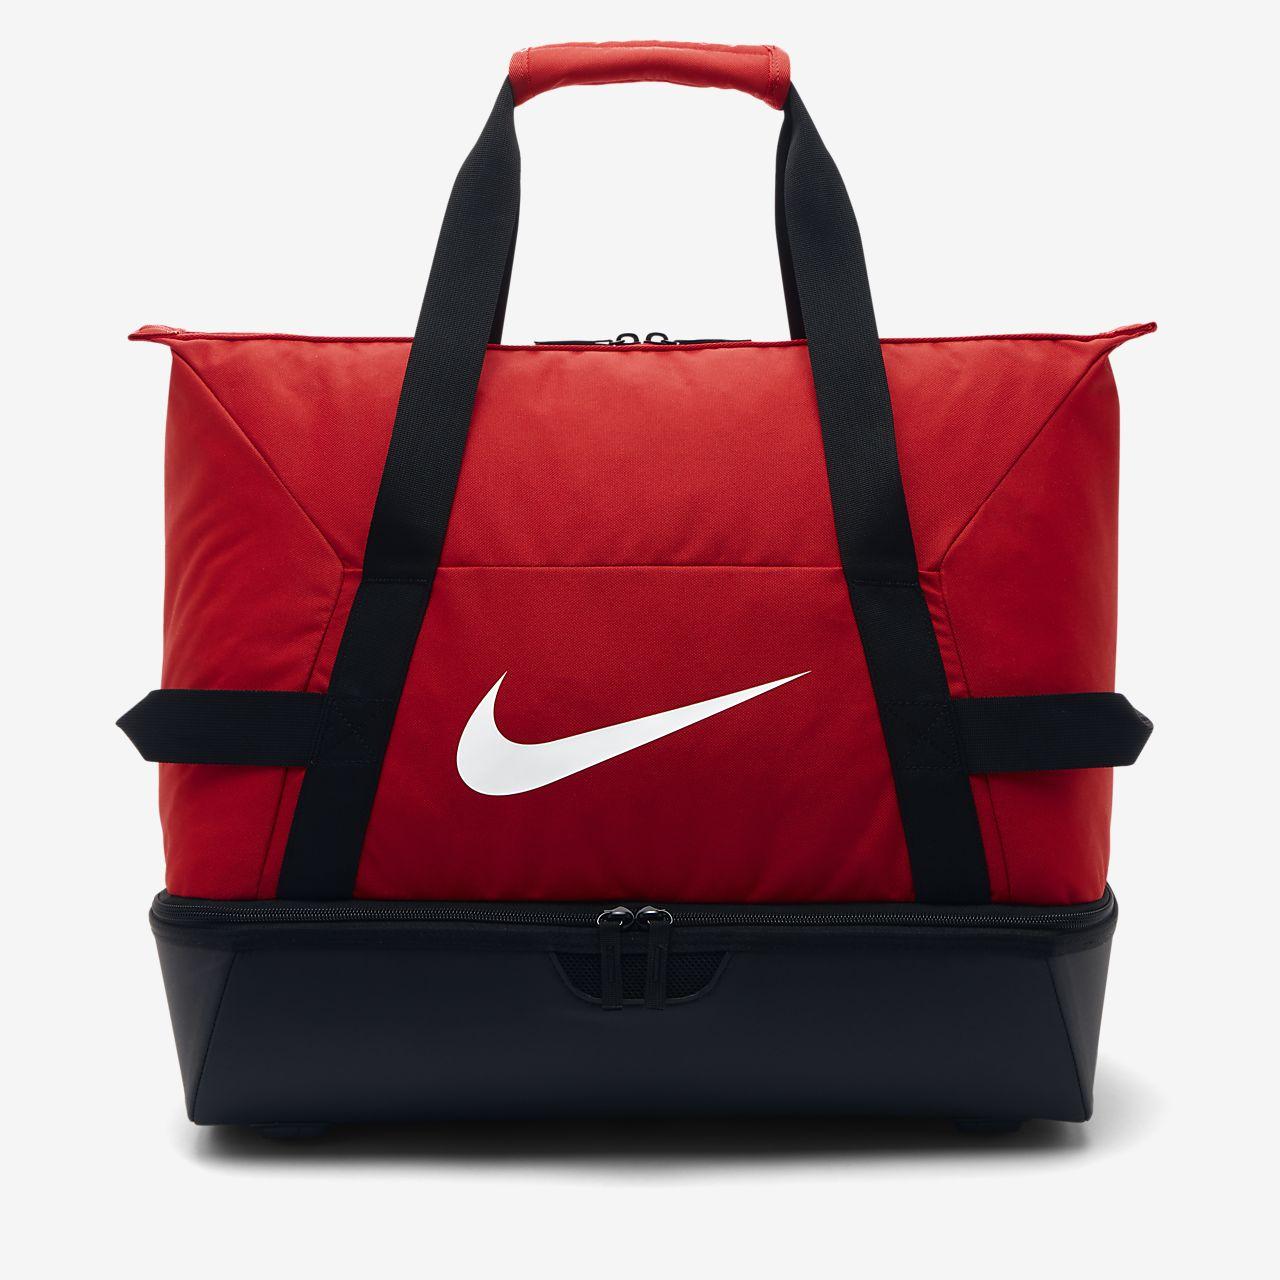 De Nike Academy Team Hardcase Bolsa Deporte Fútbolmediana D2H9WIEY